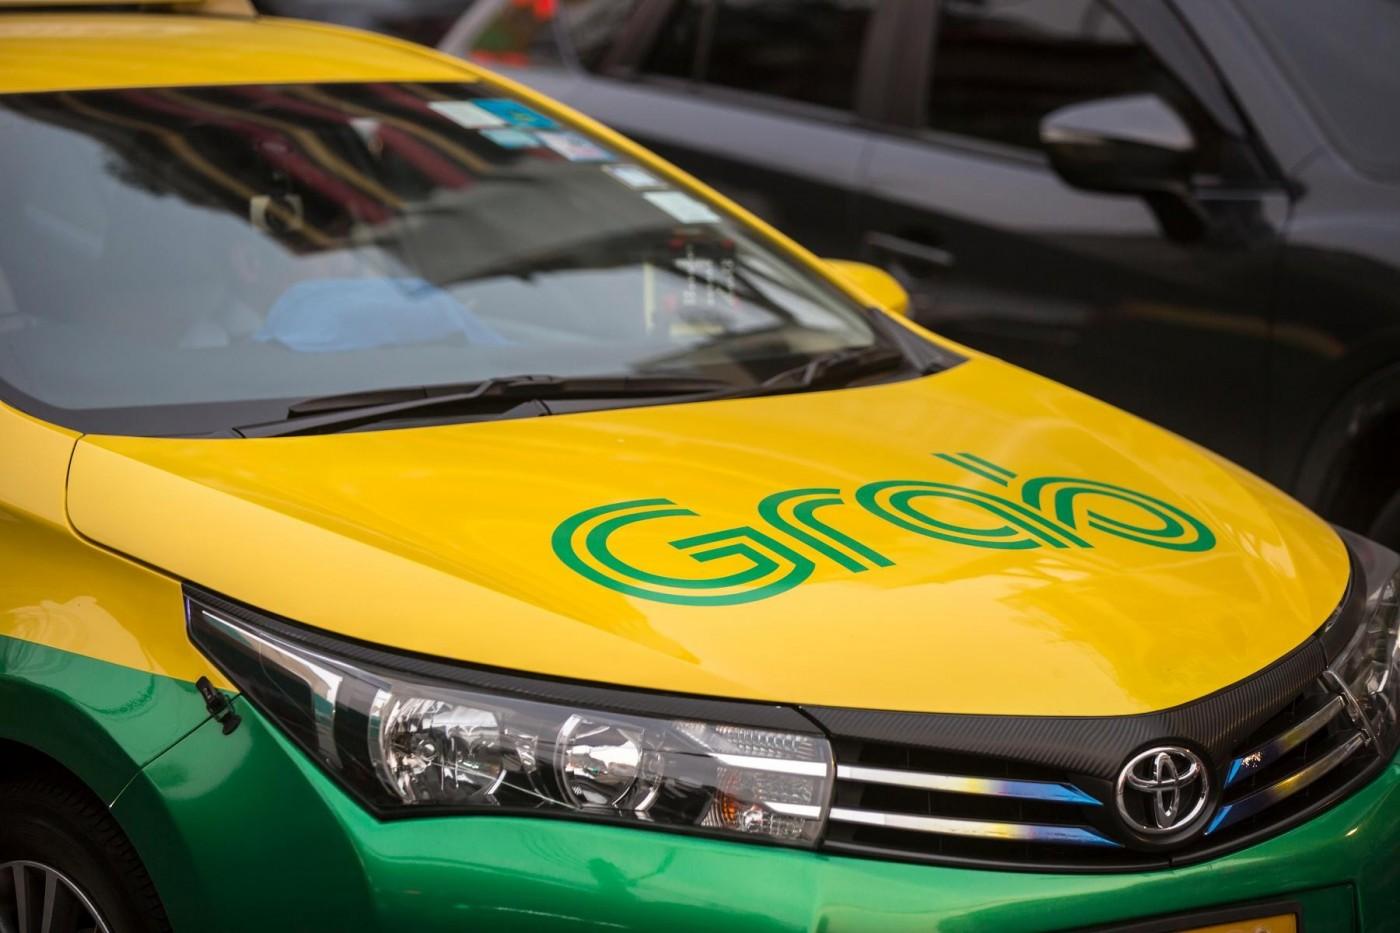 東南亞叫車巨頭Grab獲微軟投資,要用AI、大數據強化乘車安全